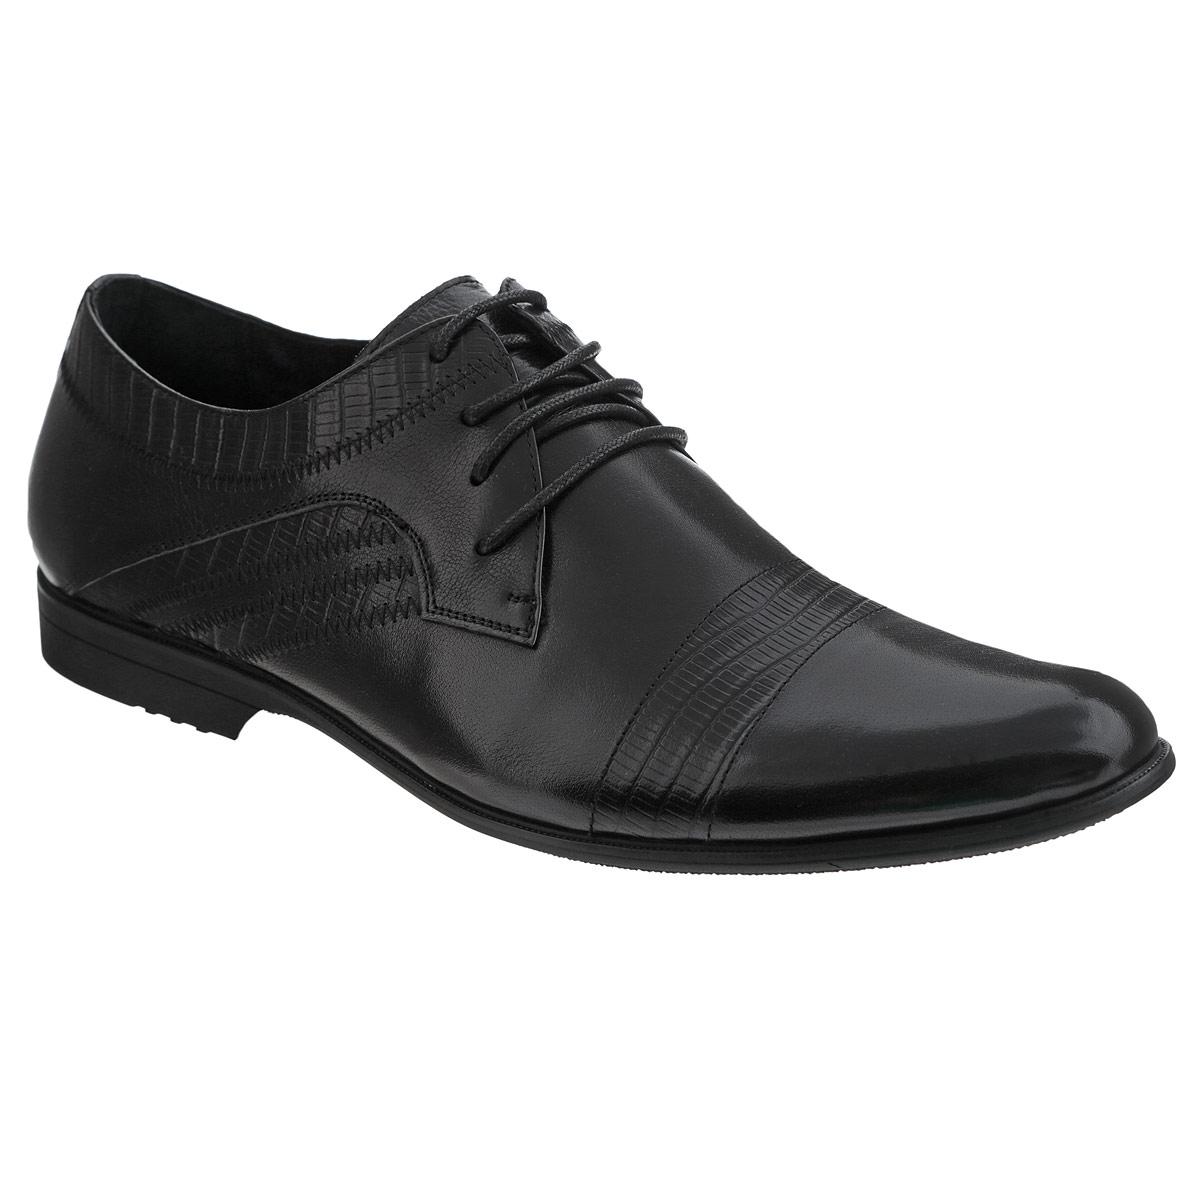 Туфли мужские. 104-139-51104-139-51Элегантные мужские туфли от Dino Ricci займут достойное место среди вашей коллекции обуви. Модель выполнена из натуральной высококачественной кожи и декорирована тиснением под рептилию сбоку, на мысе и заднике. Шнуровка позволяет прочно зафиксировать модель на ноге. Стелька из натуральной кожи оснащена перфорацией, позволяющей вашим ногам дышать. Каблук и подошва с рифлением обеспечивают отличное сцепление с любыми поверхностями. Стильные туфли прекрасно дополнят ваш деловой образ.